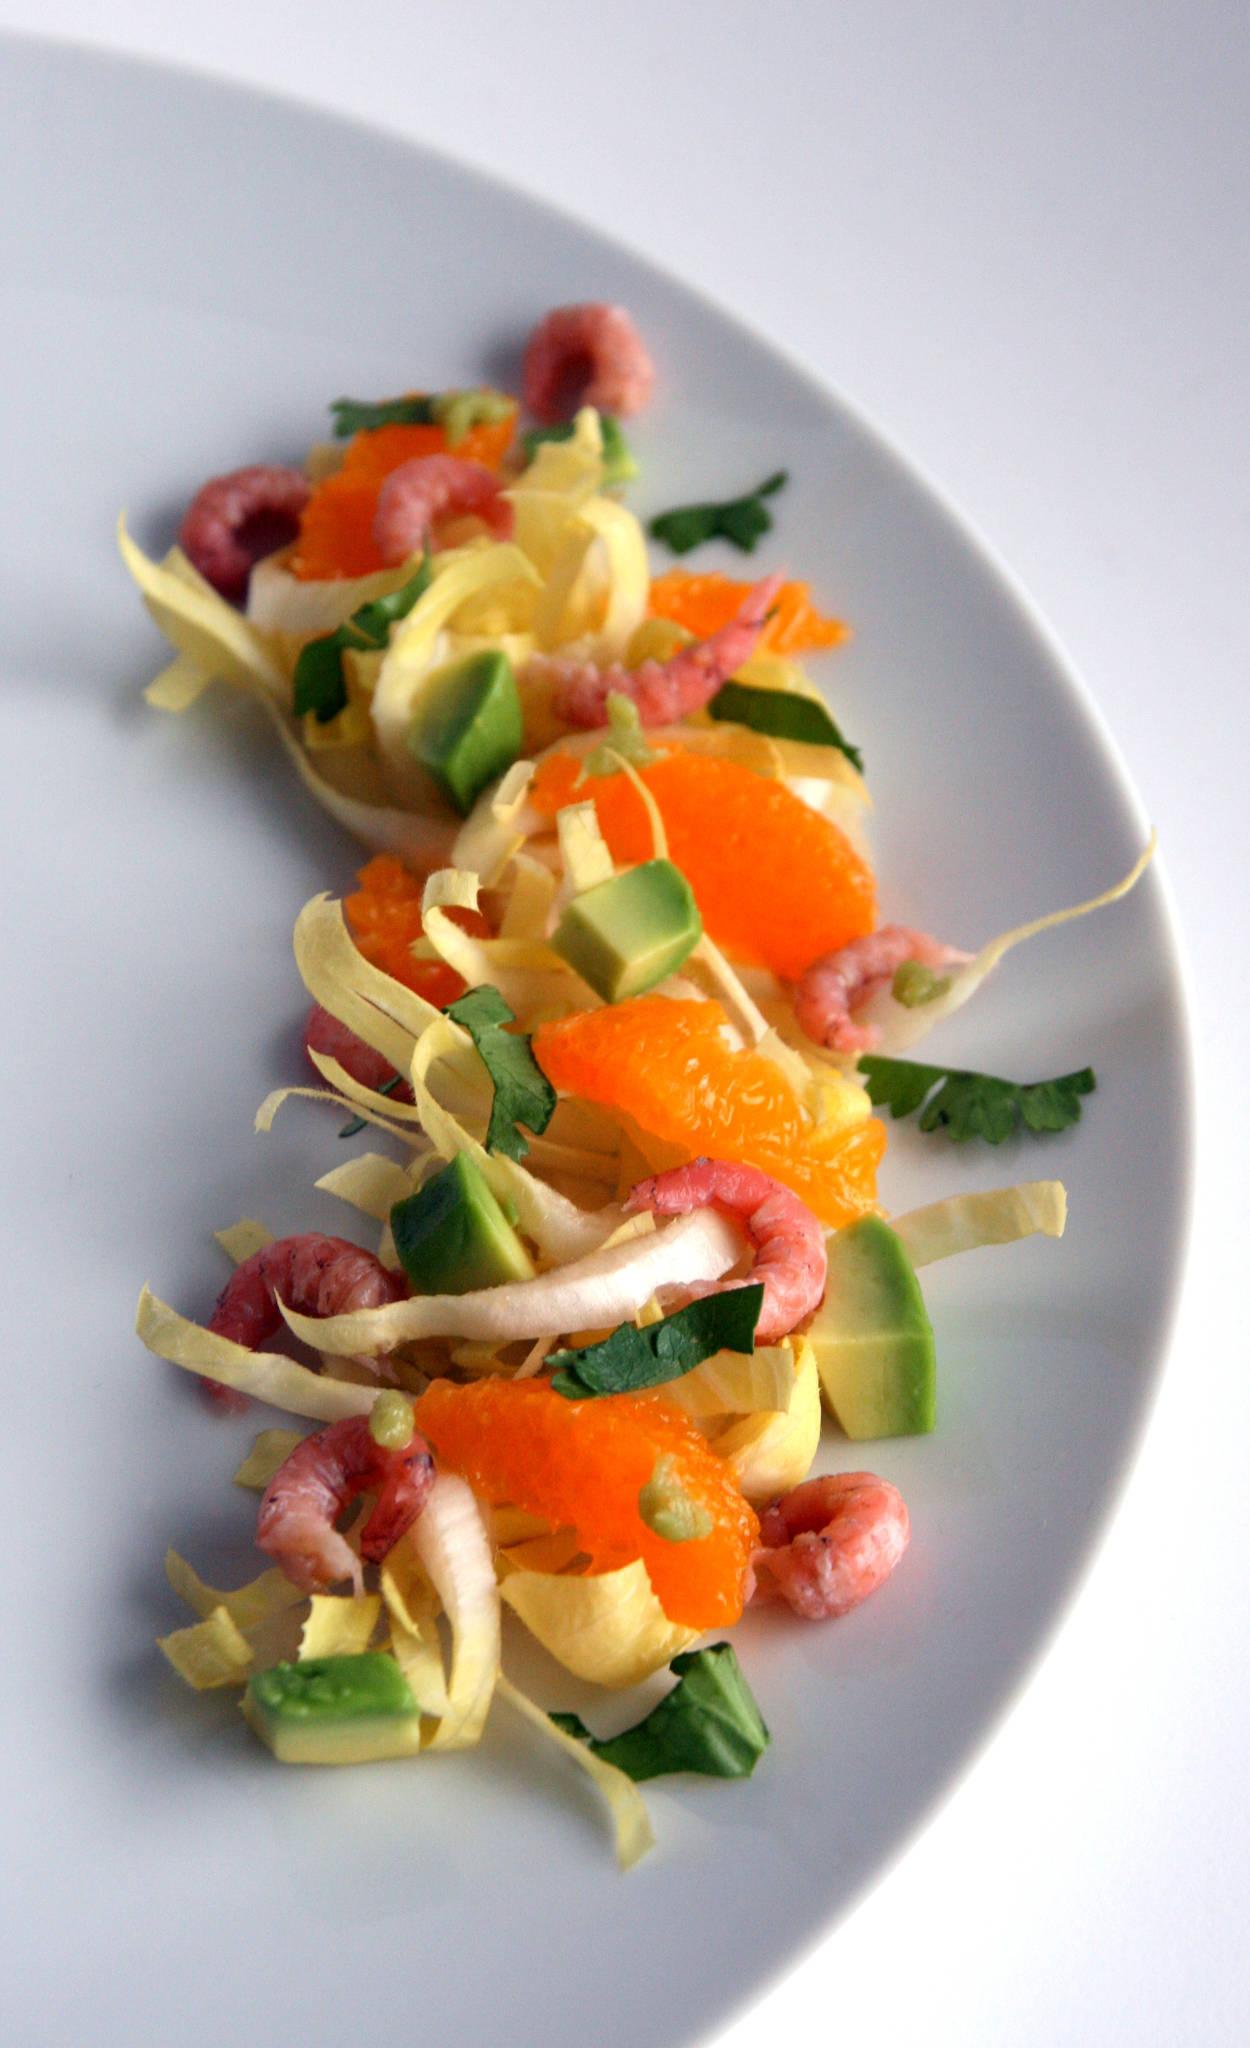 Salade d'endives aux crevettes grises, avocat, mandarine & wasabi